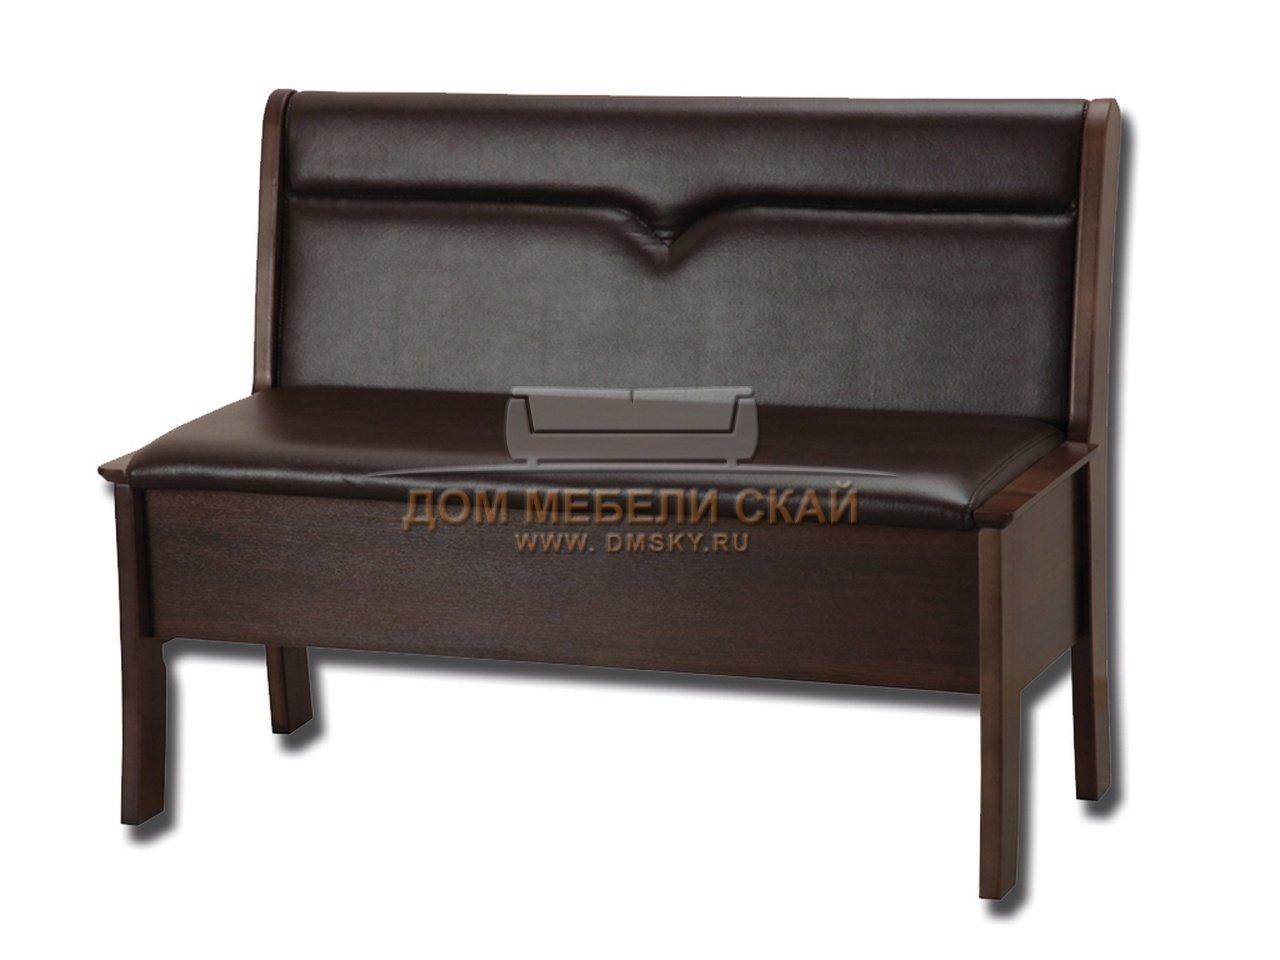 купить кухонный диван в санкт петербурге диваны на кухню на заказ